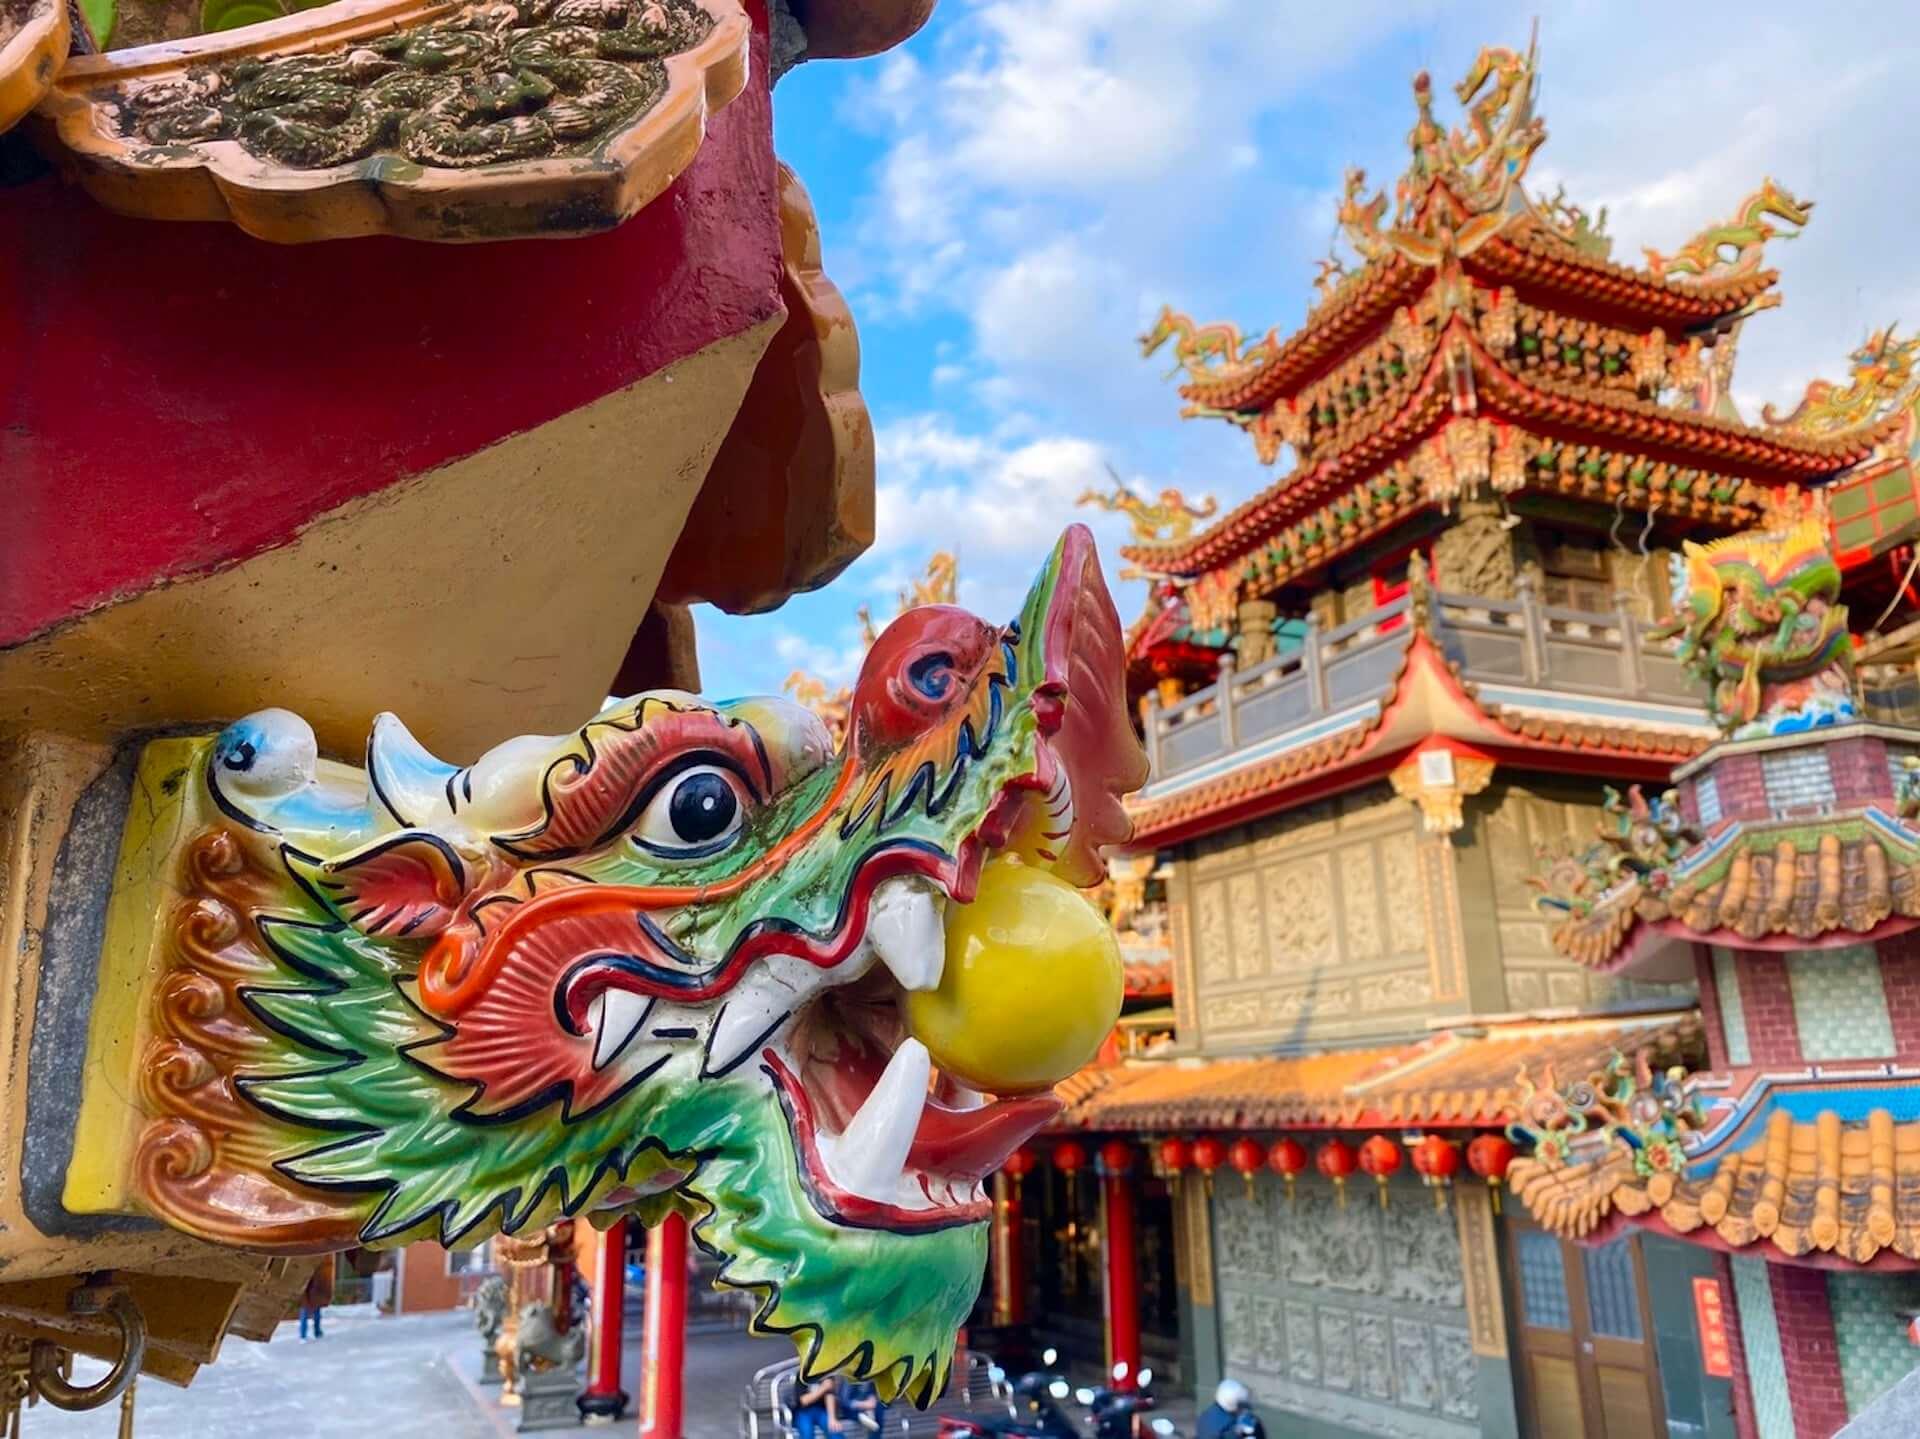 珠 鈴×松㟢翔平 台湾でどこ行く なに食べる?好好台湾対談 interview_shuri_matsuaki_05-1920x1439